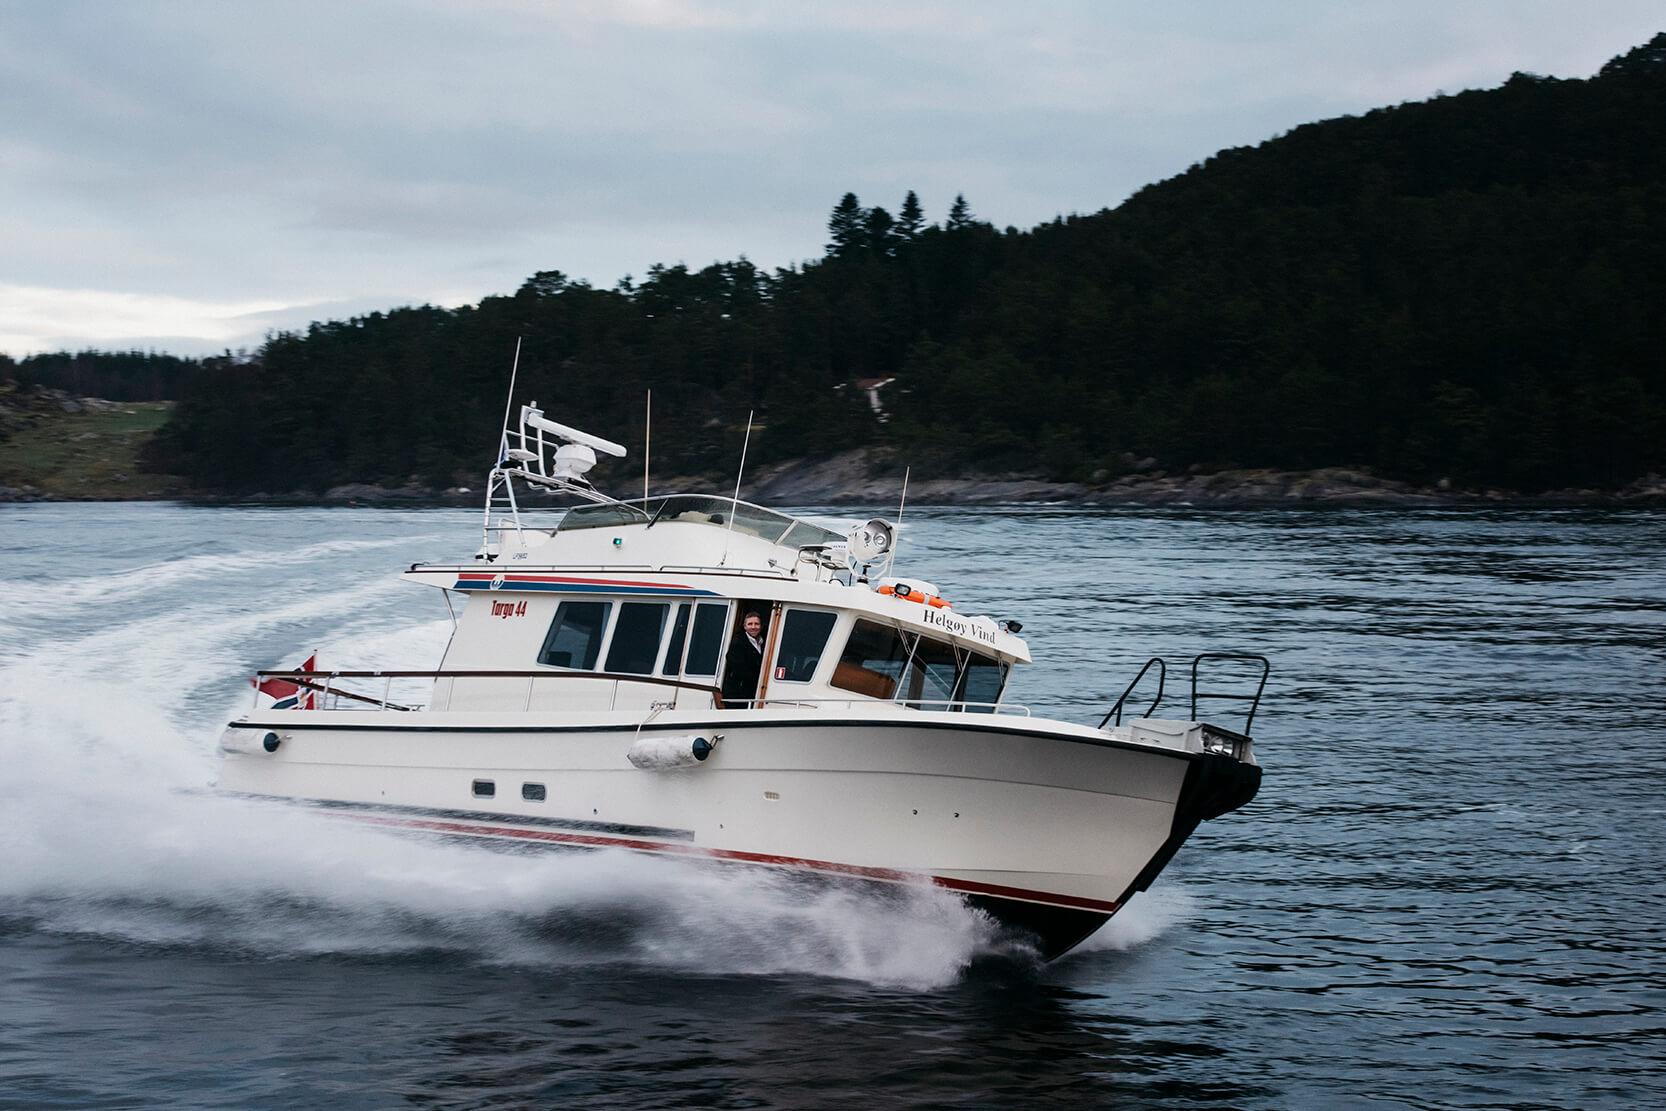 Targa båt fotografert ved Helgøy i Ryfylke. Far og sønn, Jon Arne og Kristen Helgøy.  Foto: Tommy Ellingsen